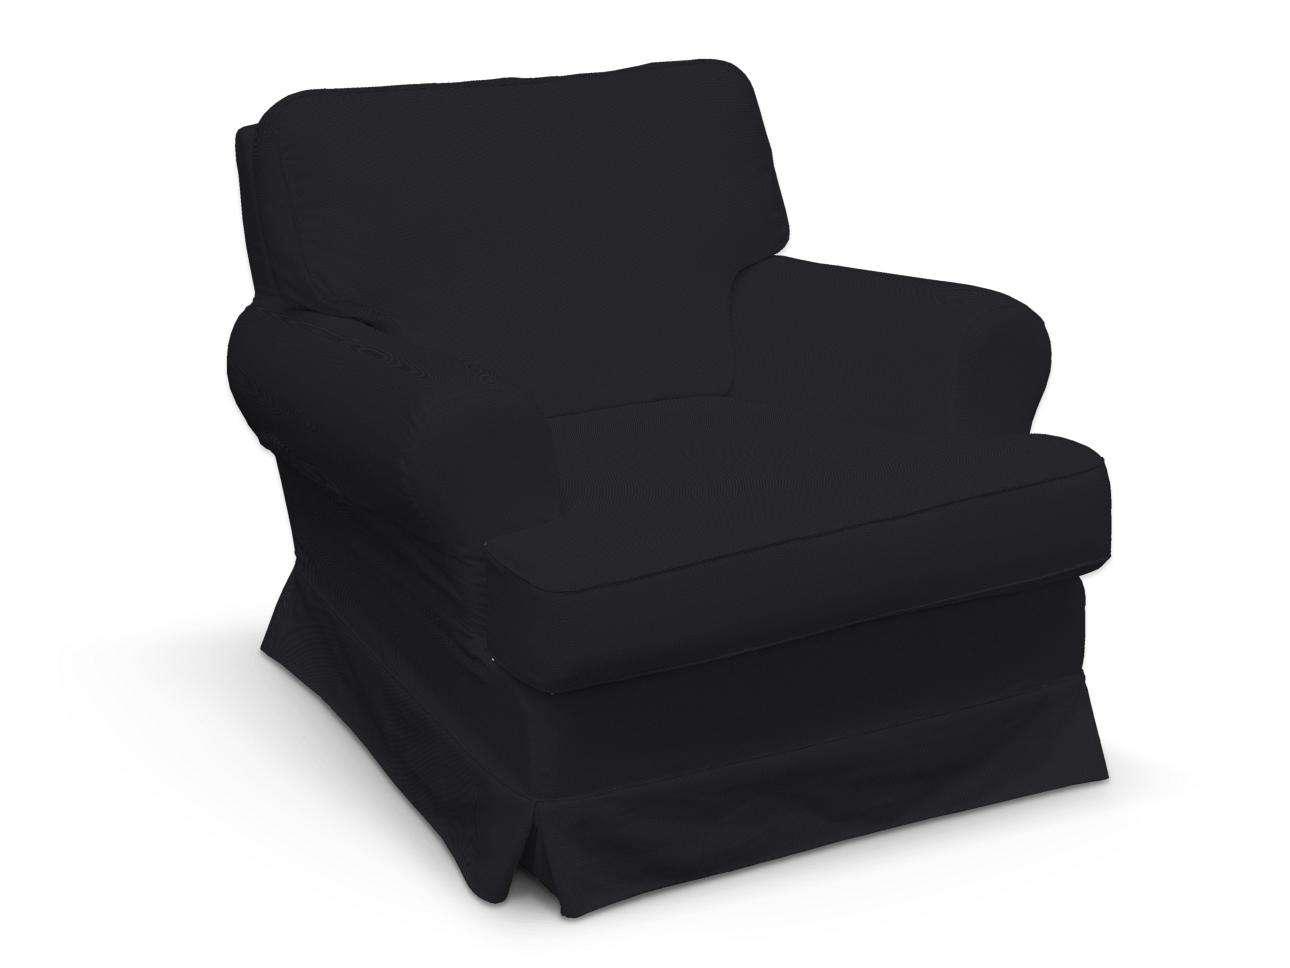 Barkaby fotelio užvalkalas Barkaby fotelio užvalkalas kolekcijoje Etna , audinys: 705-00